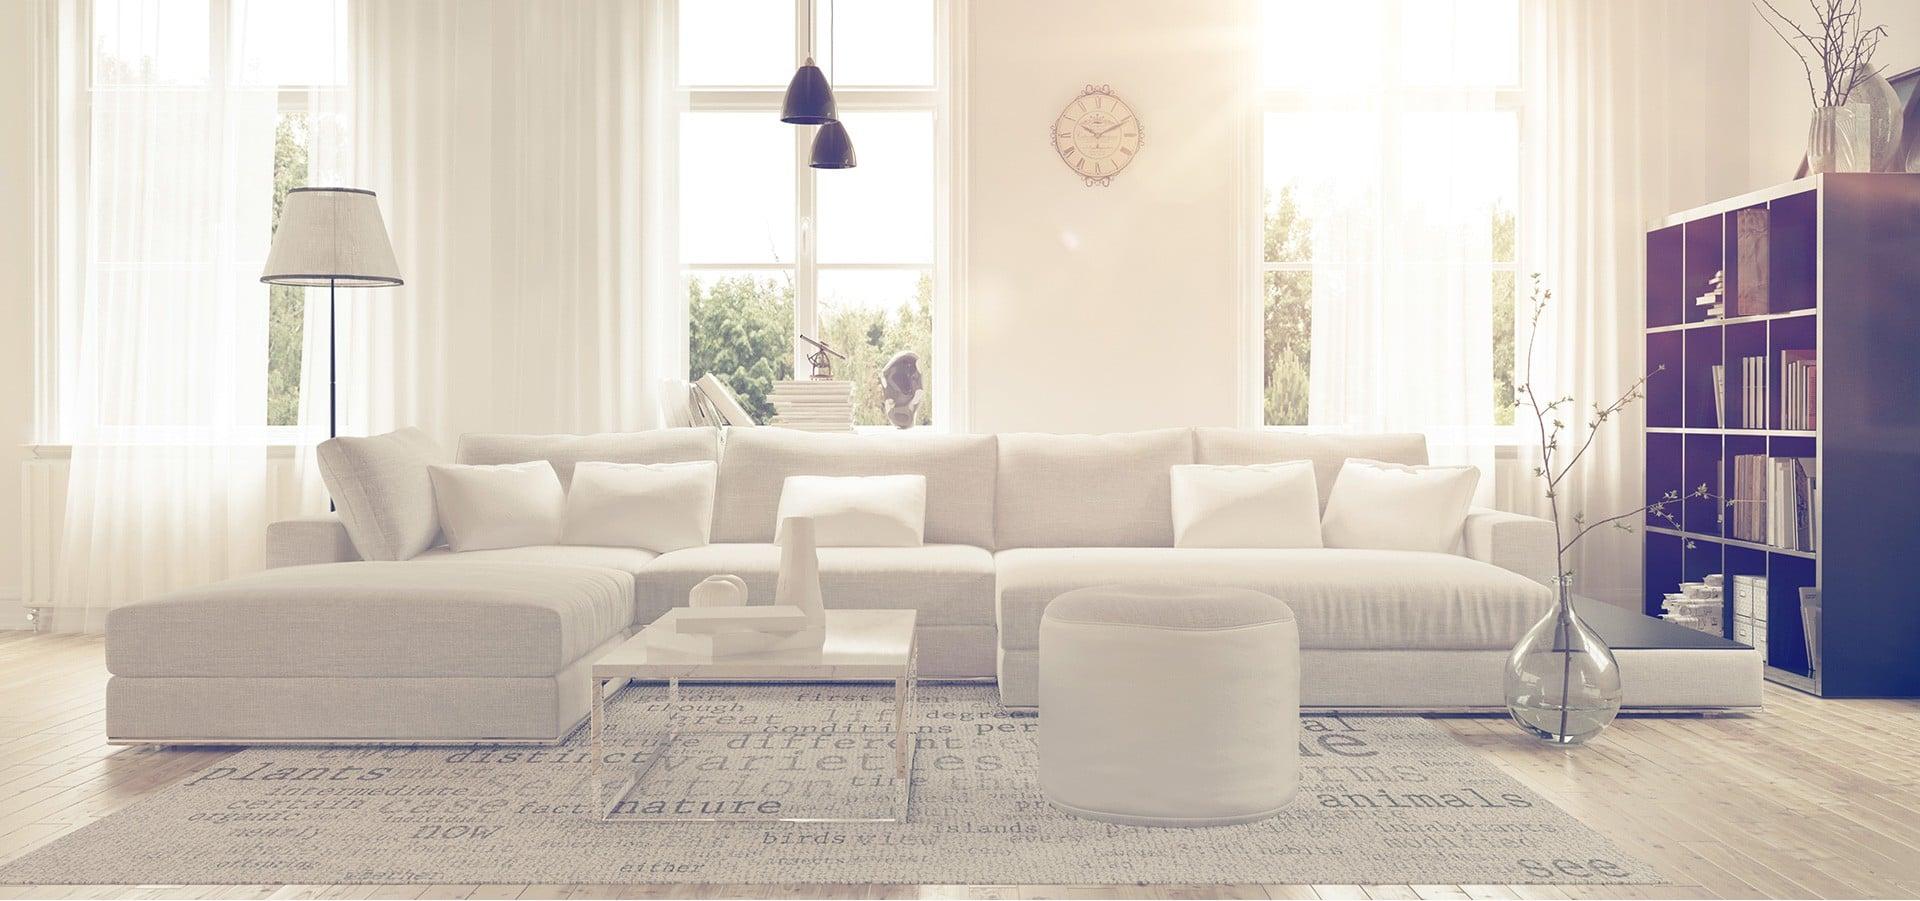 arredamento su misura, divani, mobili, credenze, sedie per il soggiorno